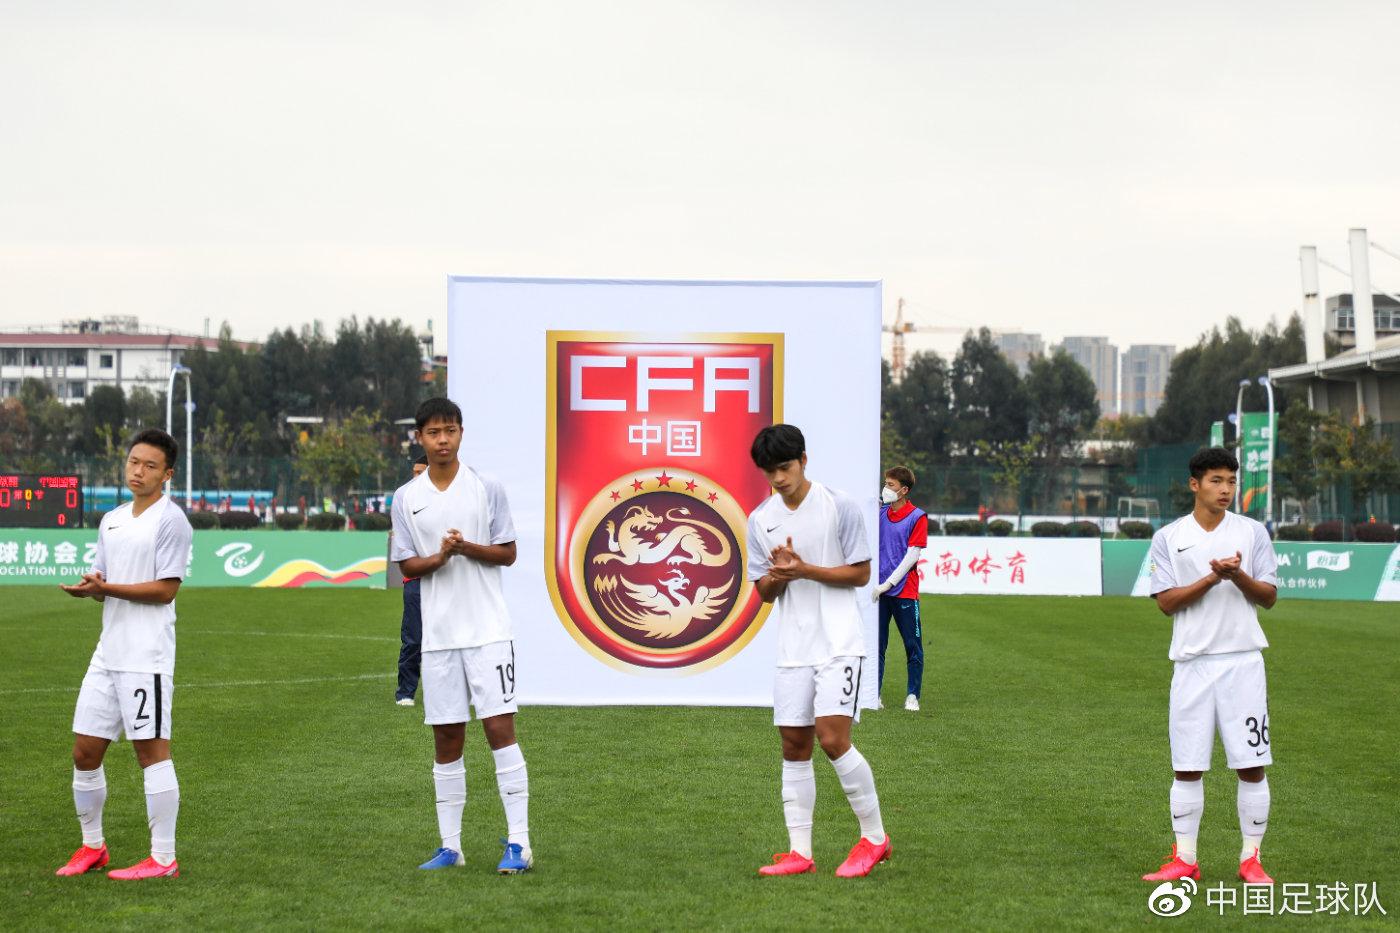 U19国青在中乙竞赛中。图片来历:我国足球队官微